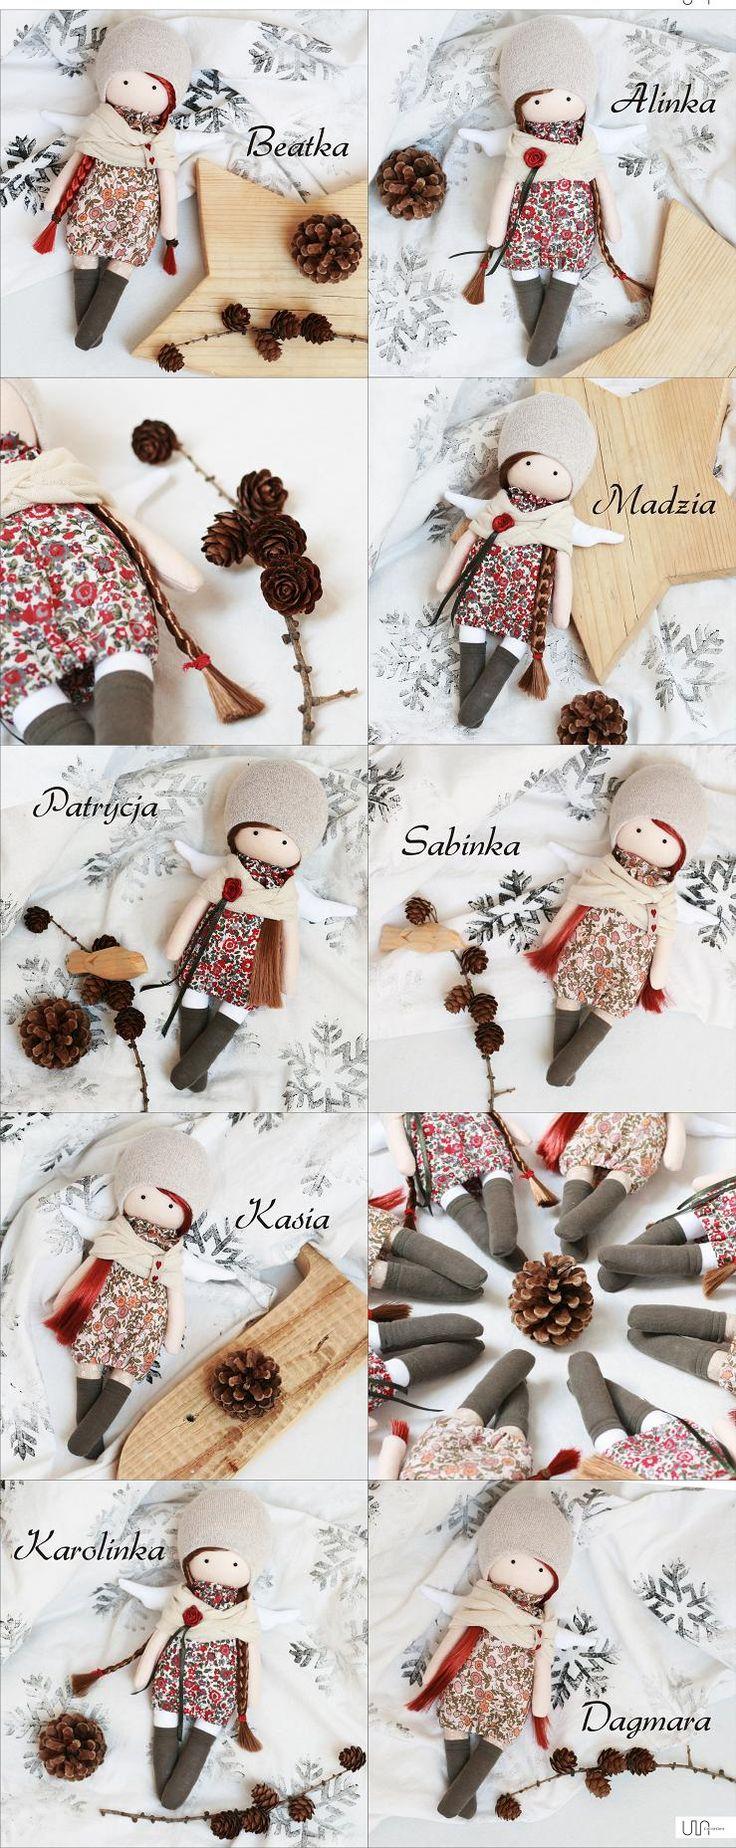 aniołki szyte ręcznie / angels handmade